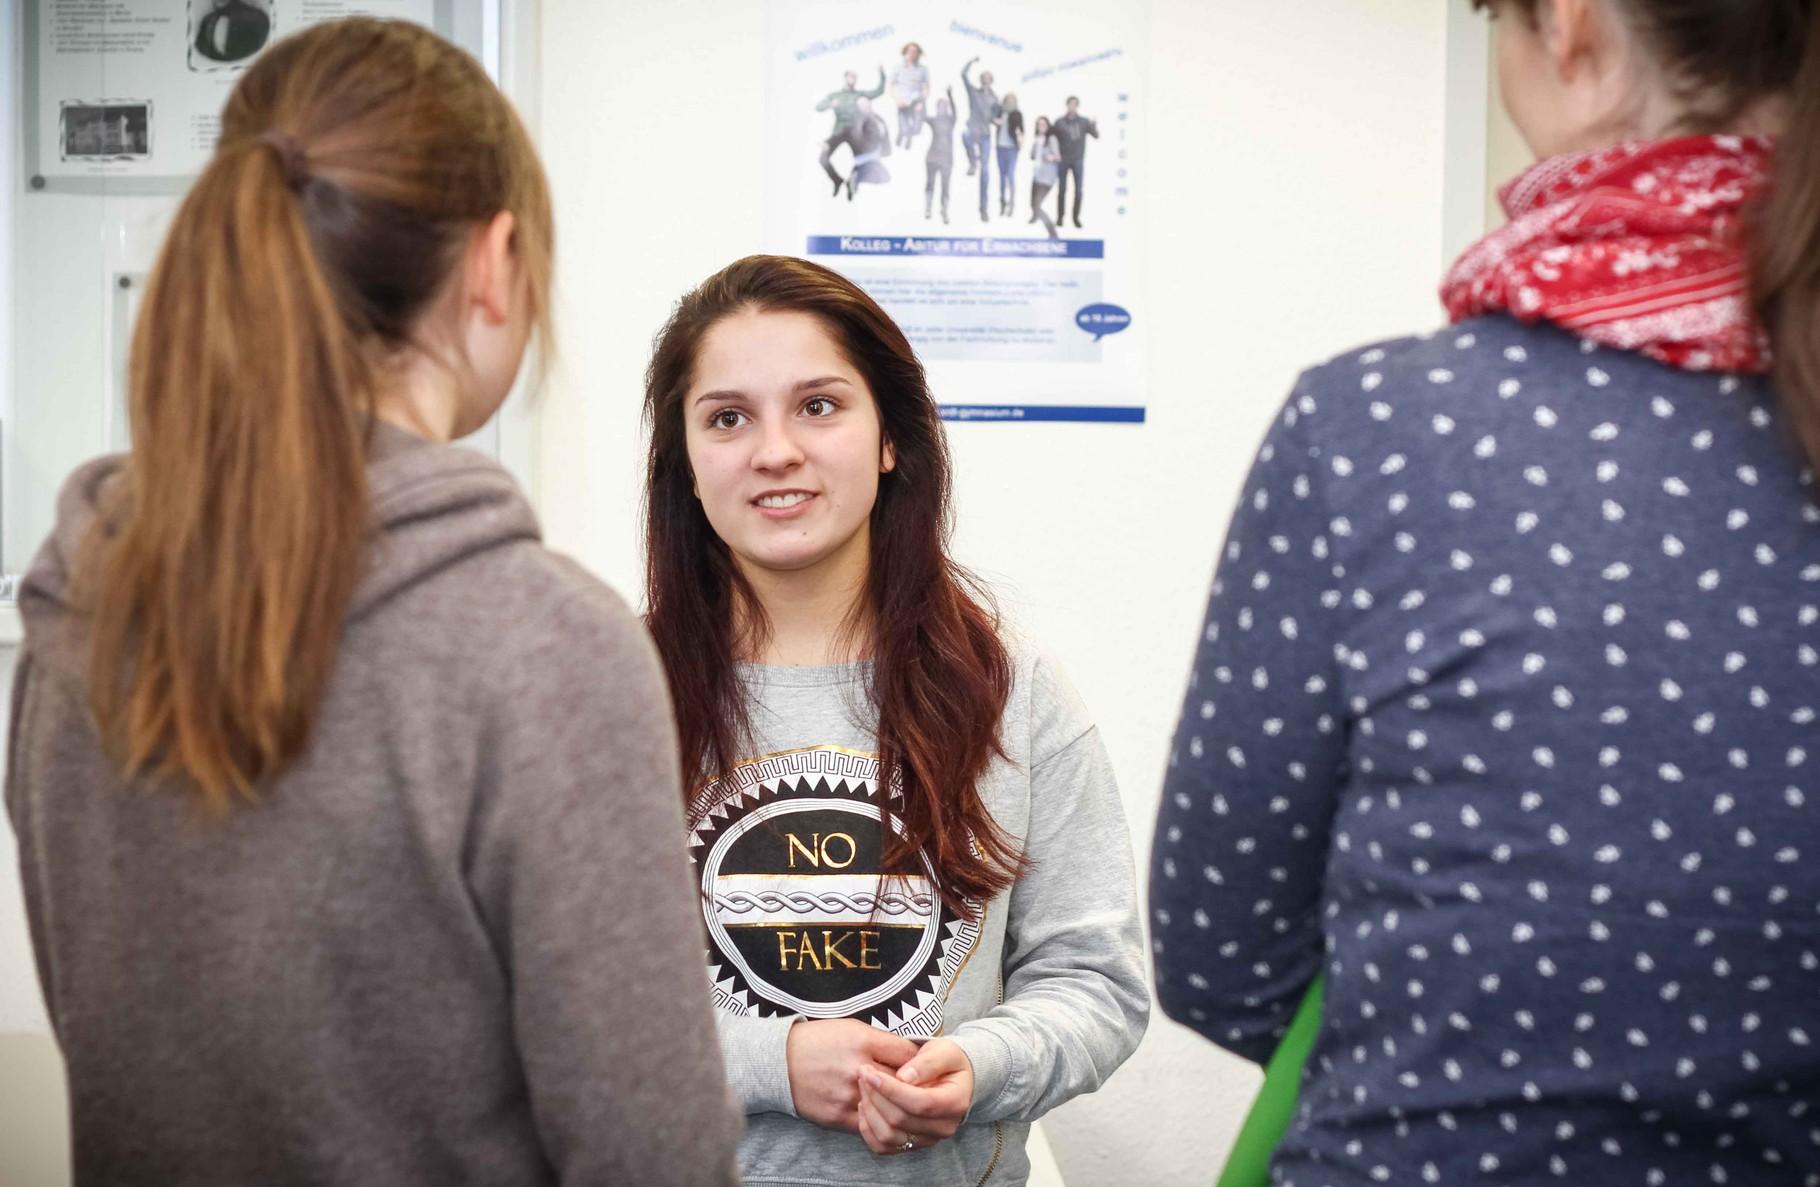 Auch Schüler des Gymnasiums selbst beantworteten Fragen von interessierten Besuchern.